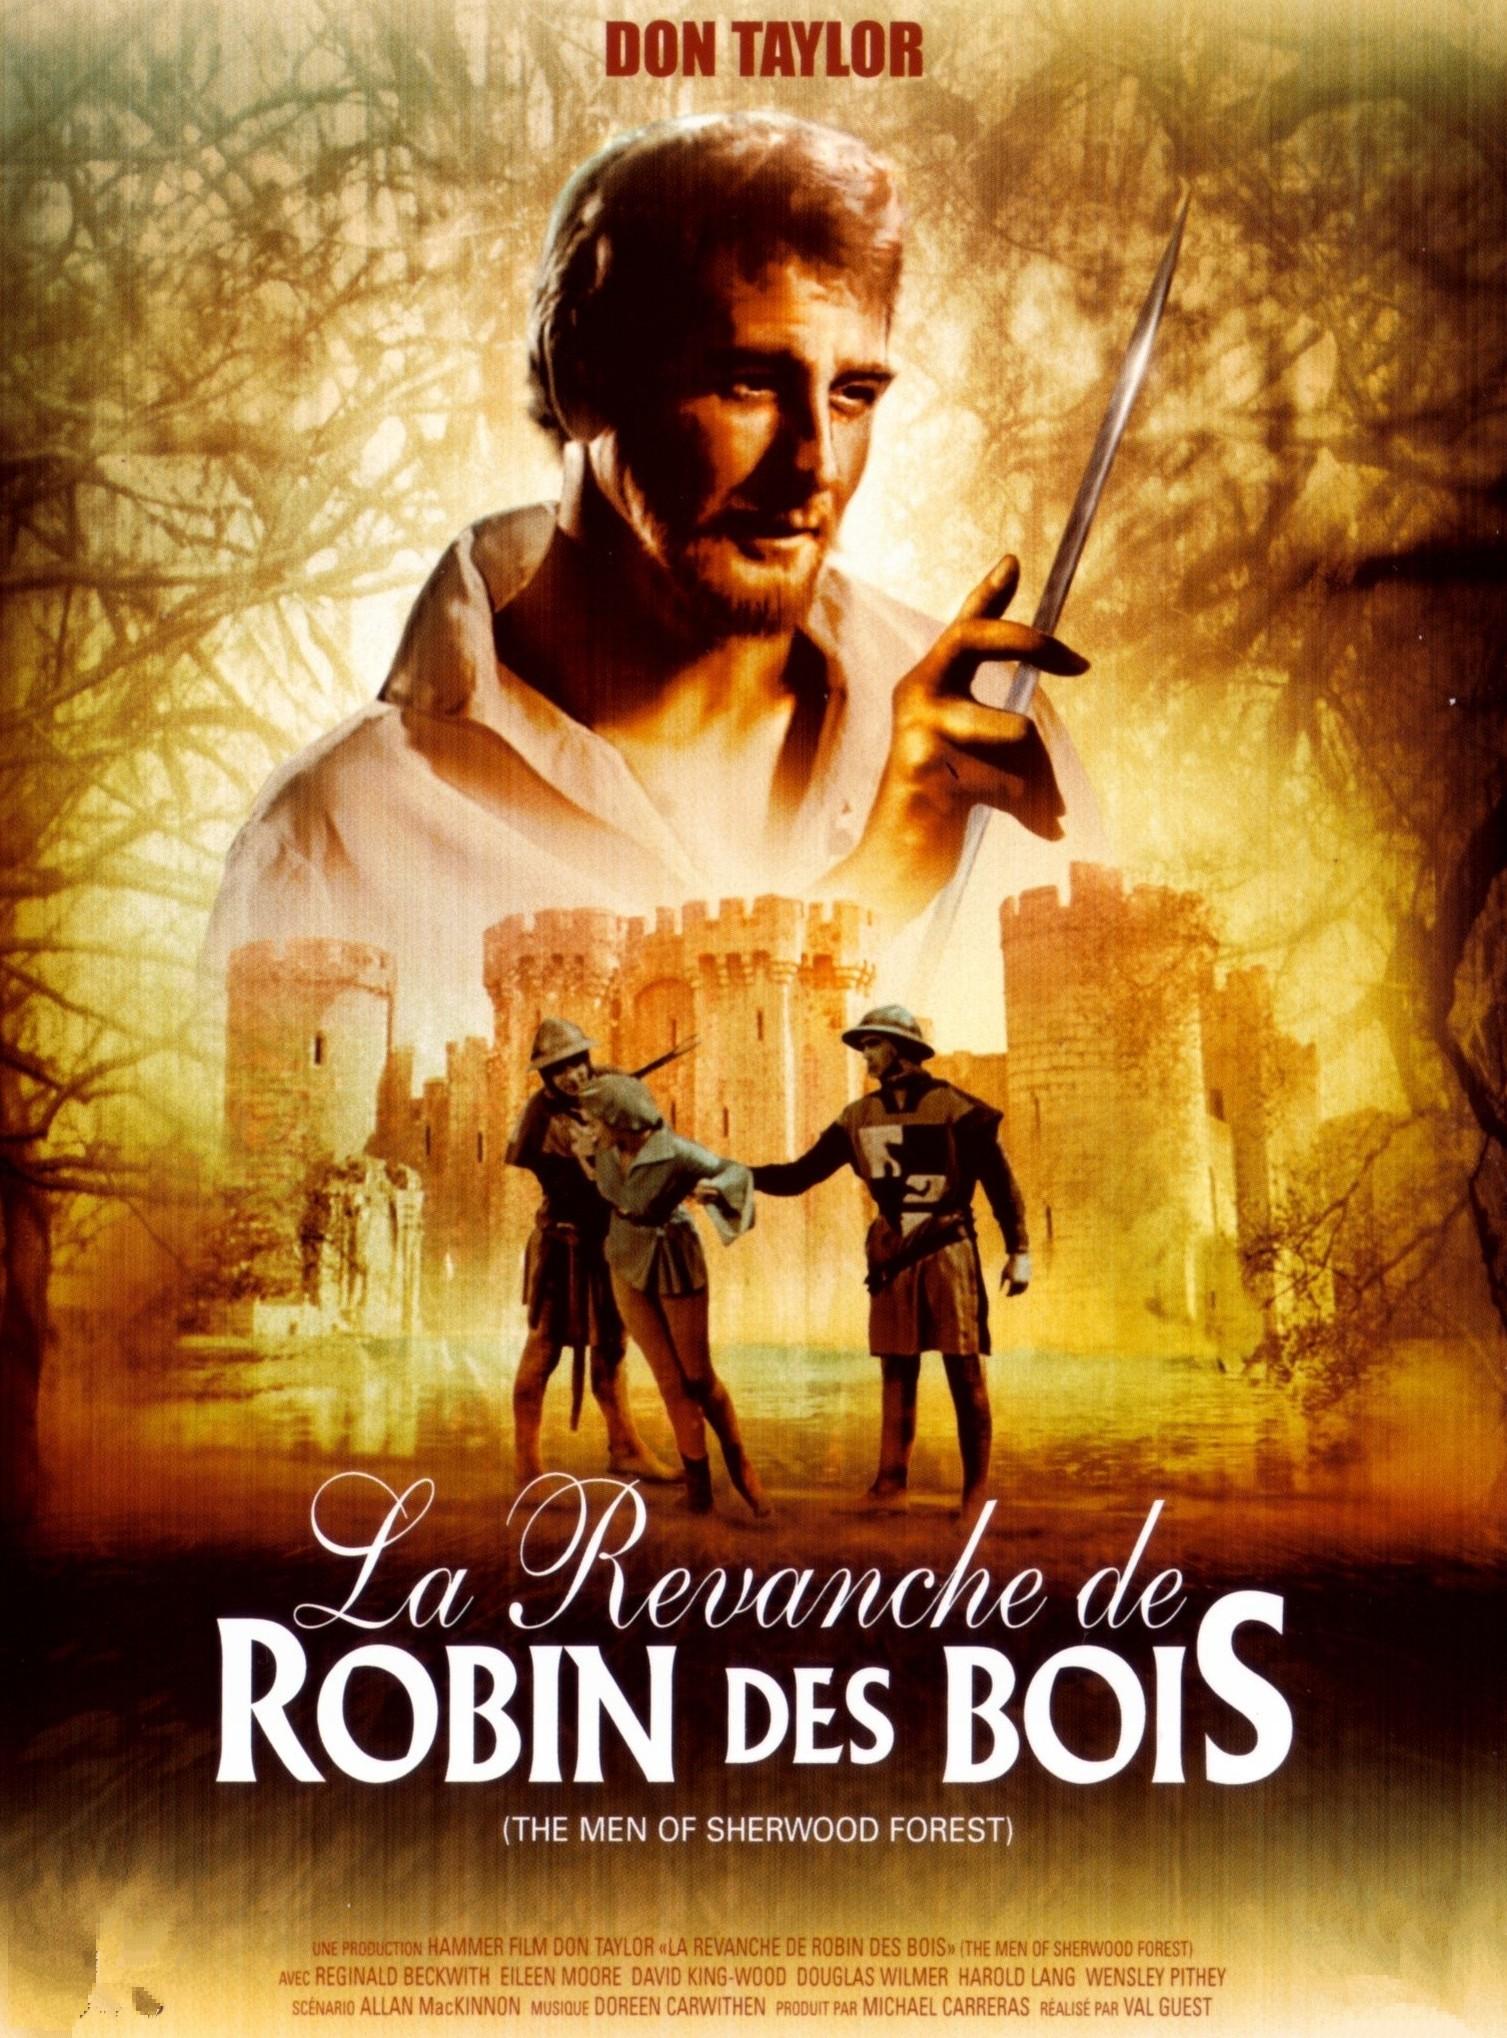 La Revanche de Robin des Bois [film 1954] ~ Film Robin Des Bois